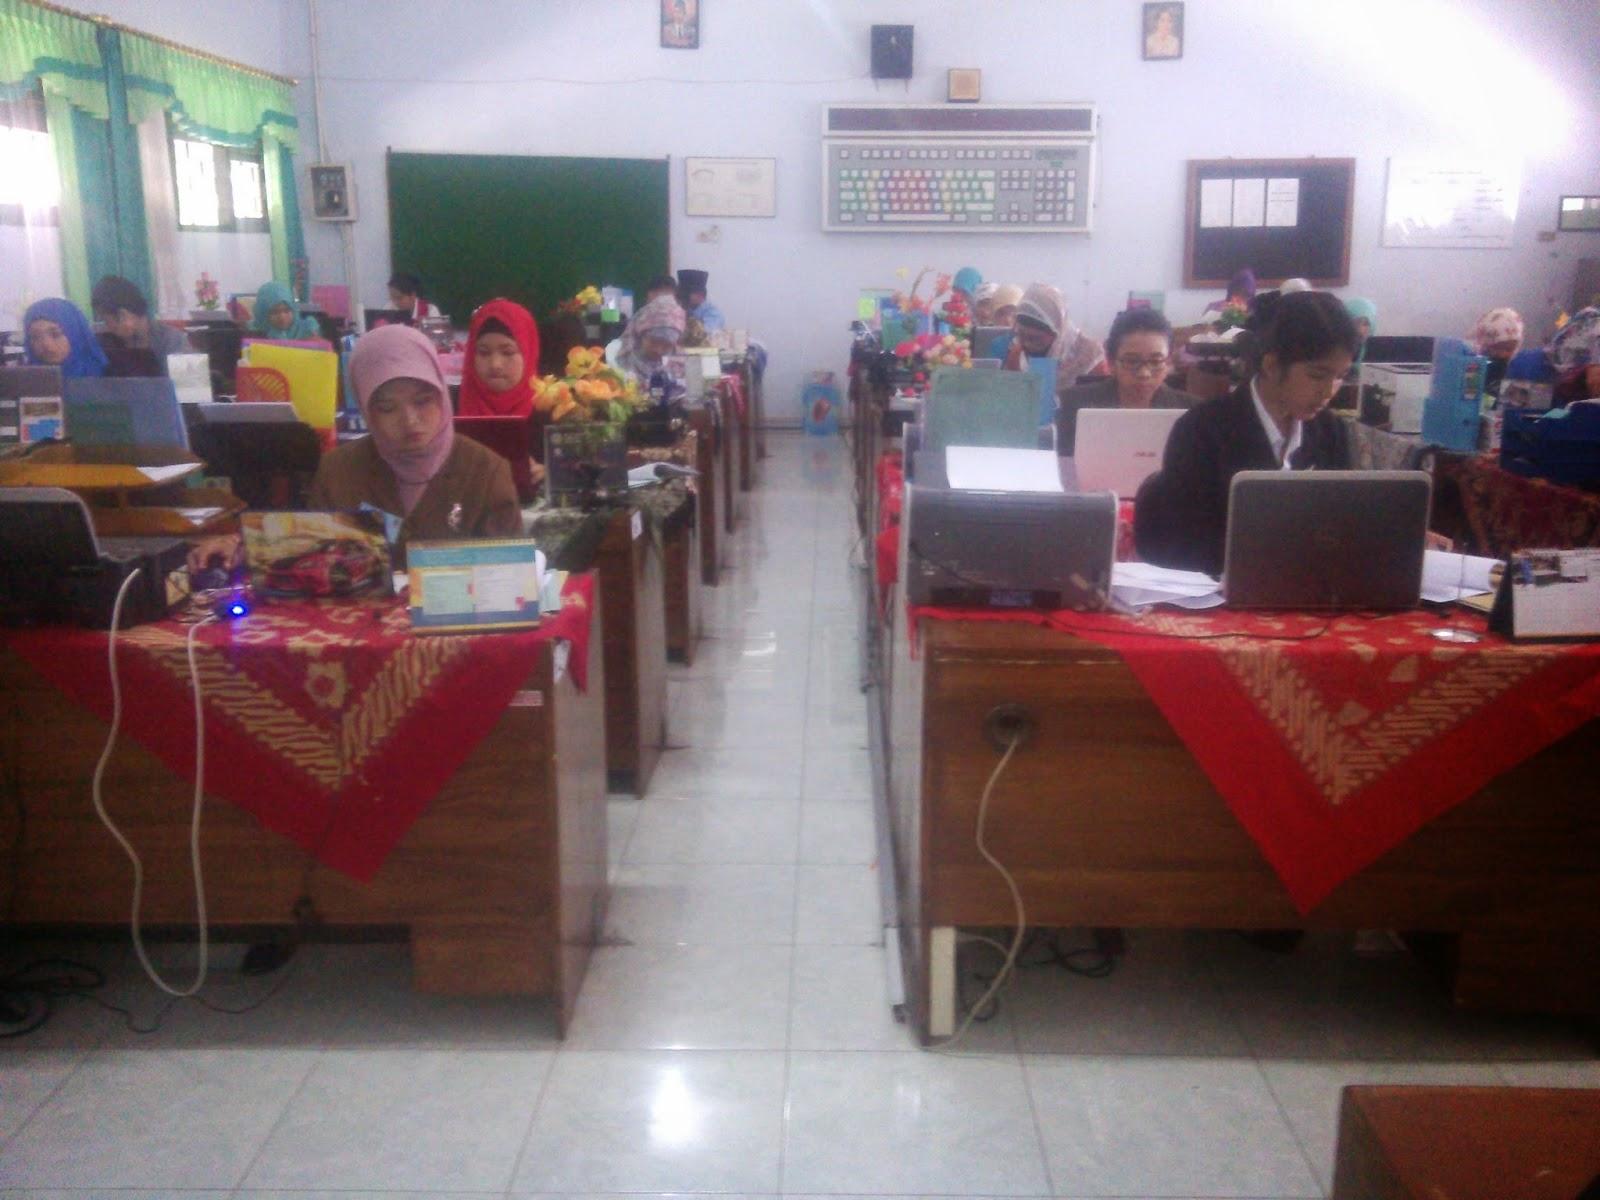 Mgmp Adm Perkantoran Daerah Istimewa Yogyakarta Lks Adm Perkantoran Tahun 2014